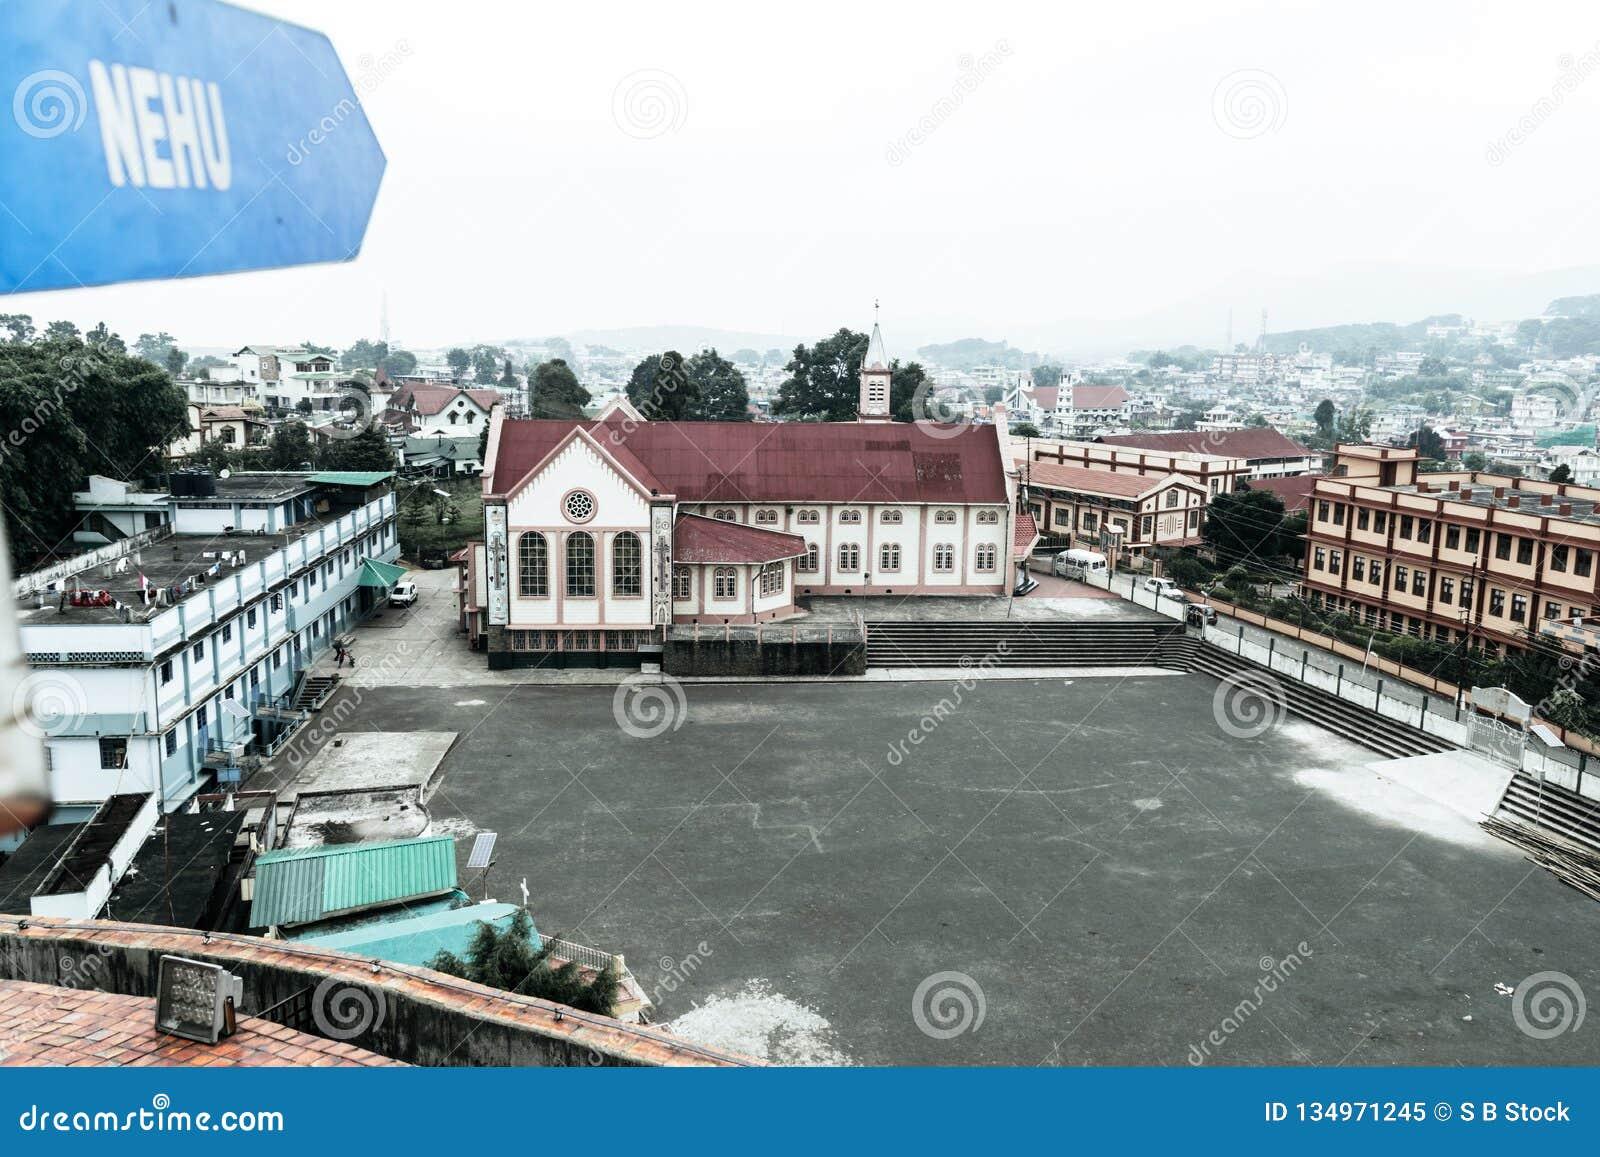 Widok jawaharlal nehru stadium Shillong, jest stadionem futbolowym w Shillong, Meghalaya, India głownie dla futbolu i gospodarzów